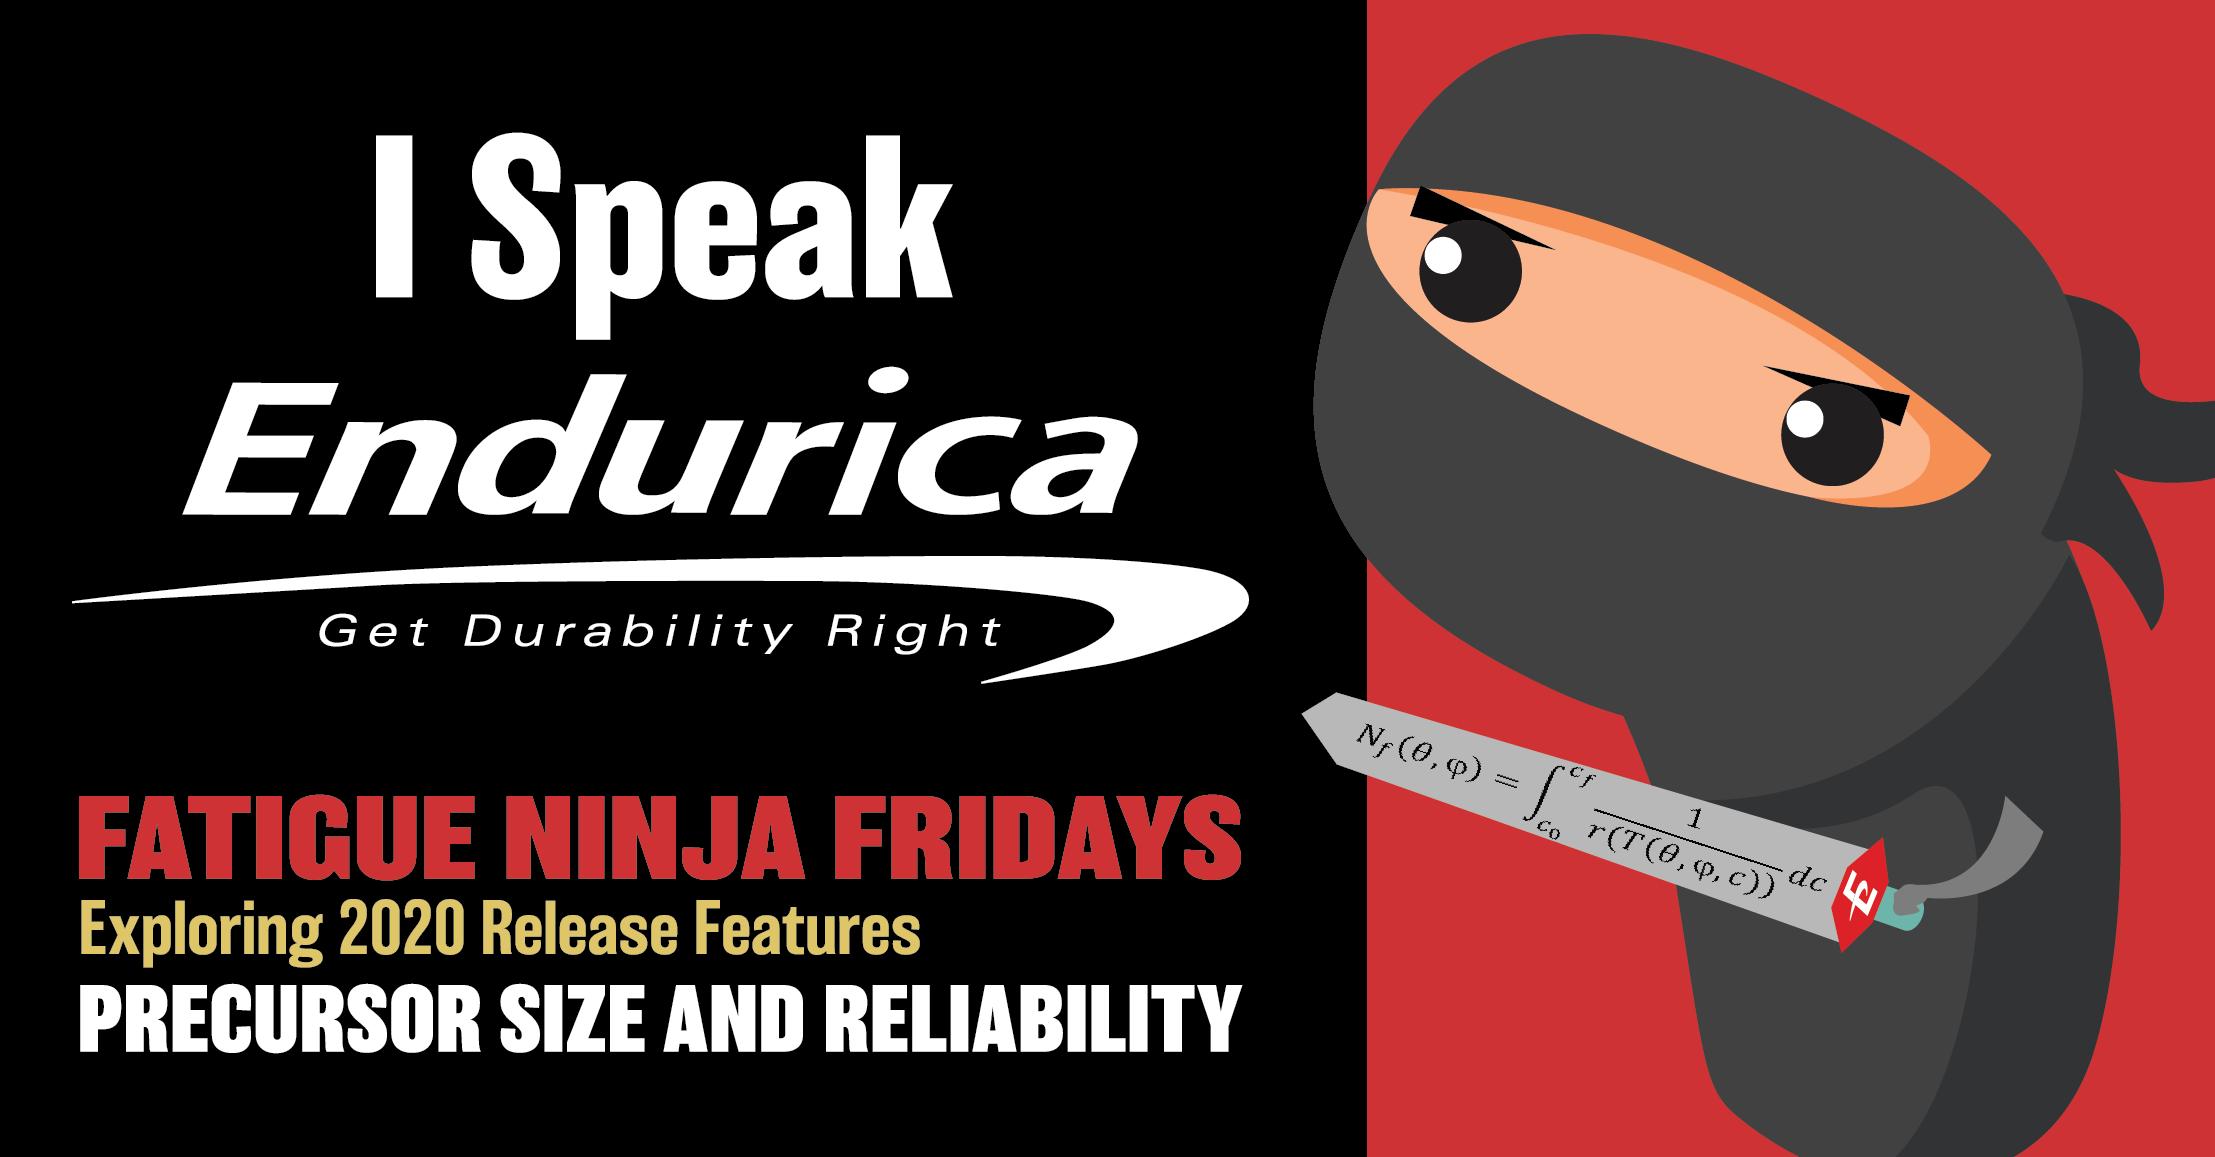 Fatigue Ninja Friday #1